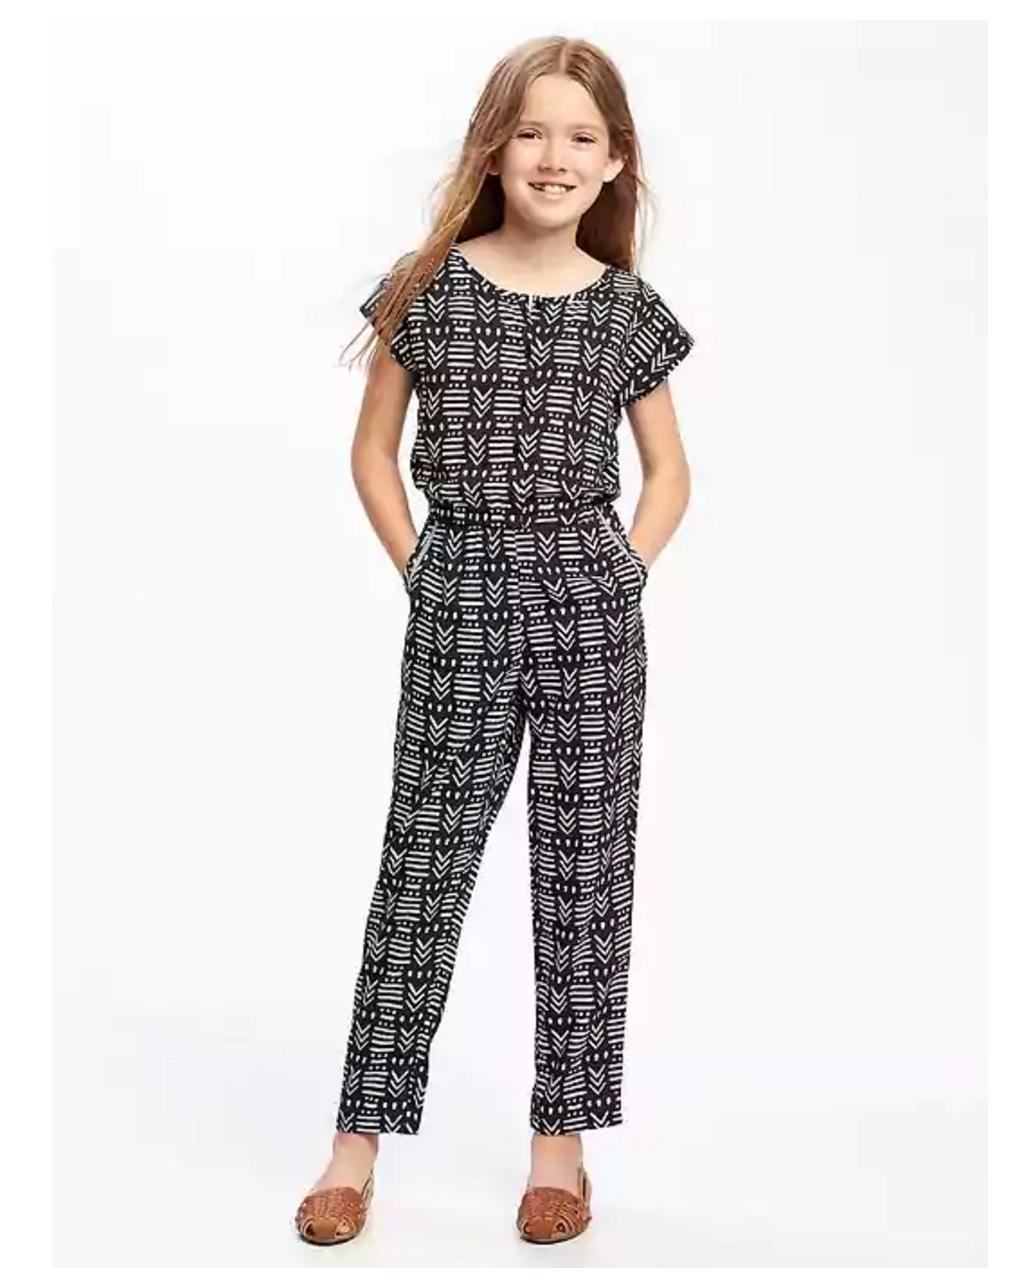 Tanger Outlets Old Navy Outlet girl's patterned jumpsuit